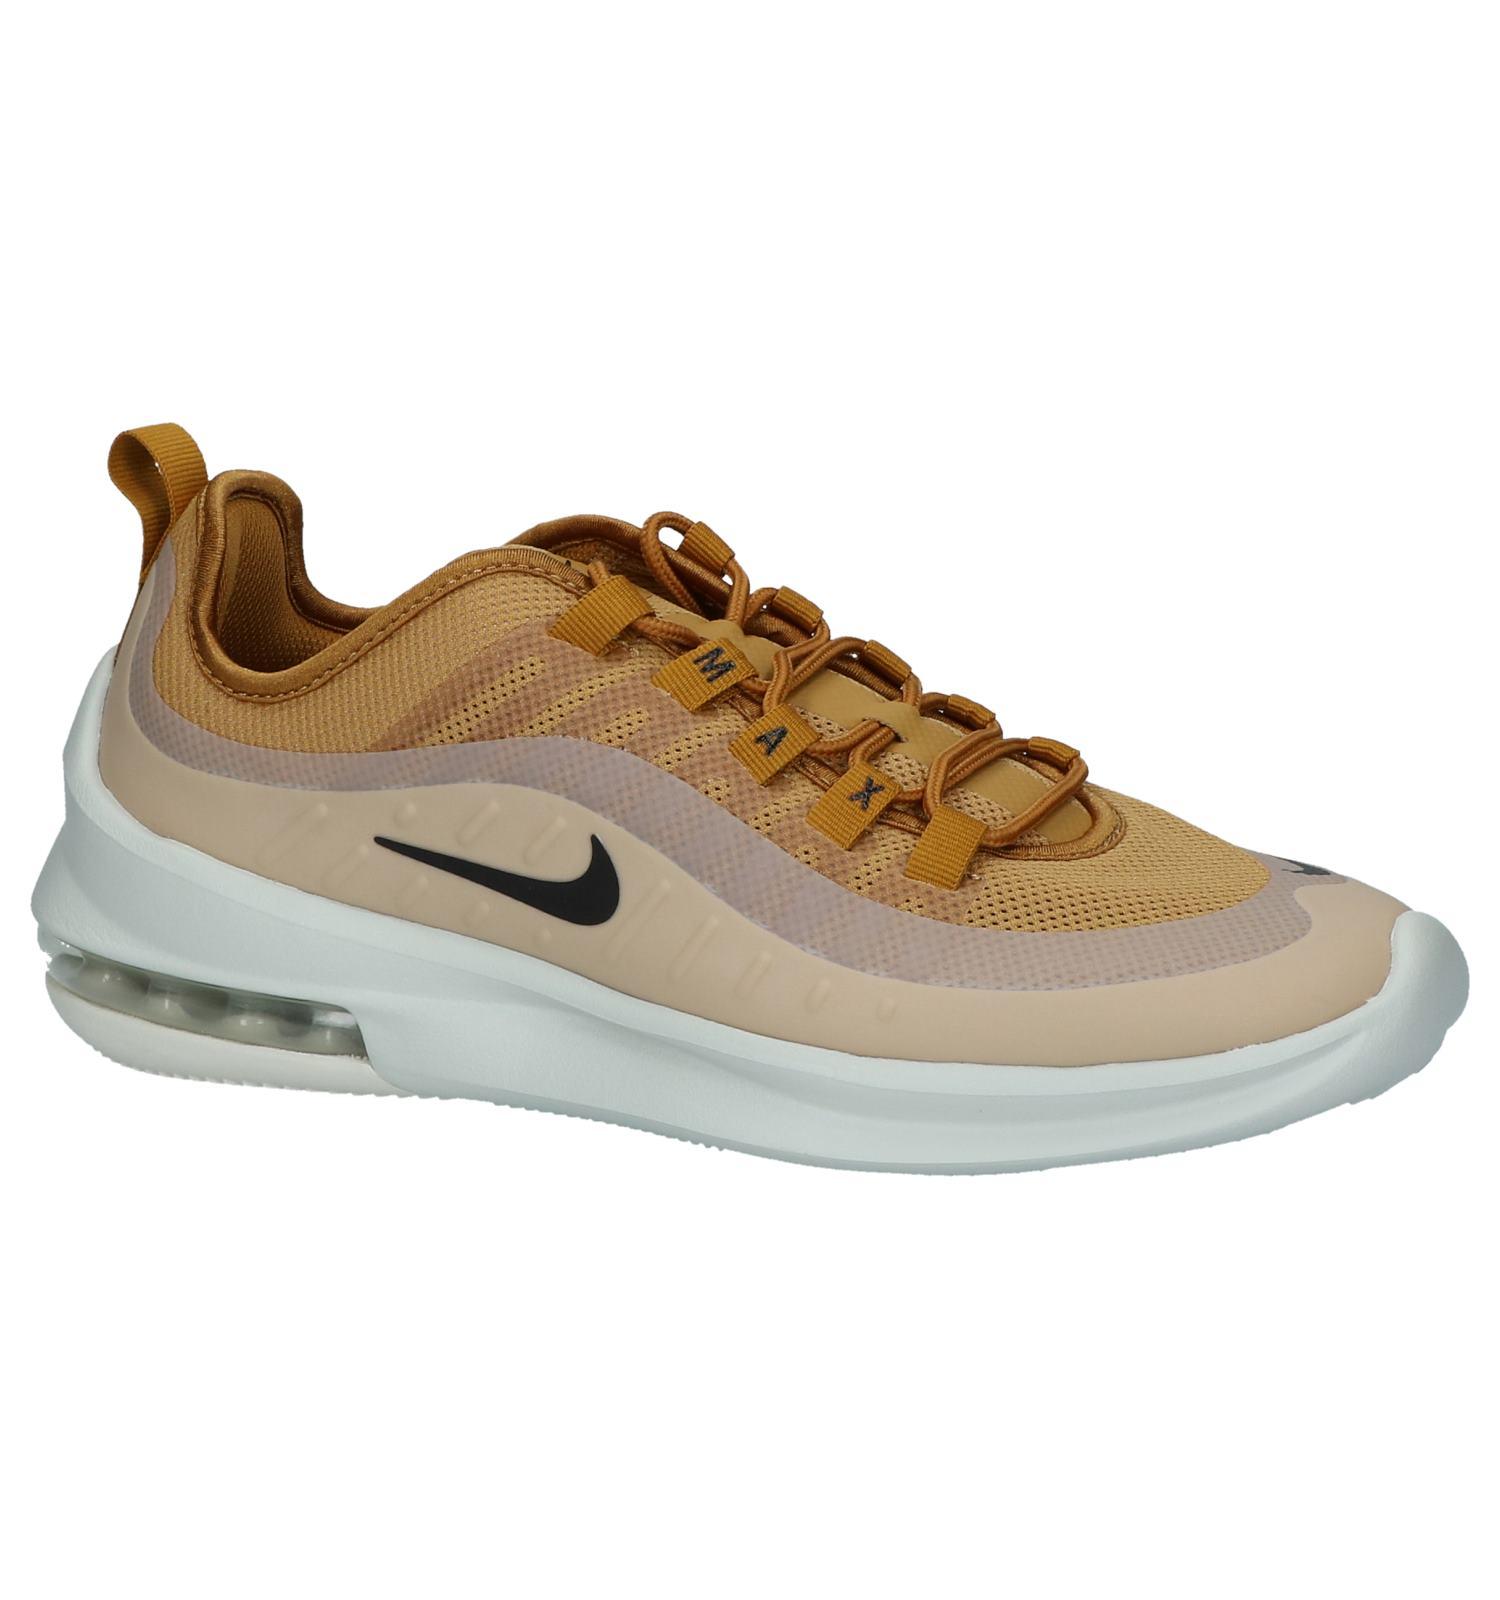 Naturel Sneakers Nike Air Max Axis | TORFS.BE | Gratis verzend en retour